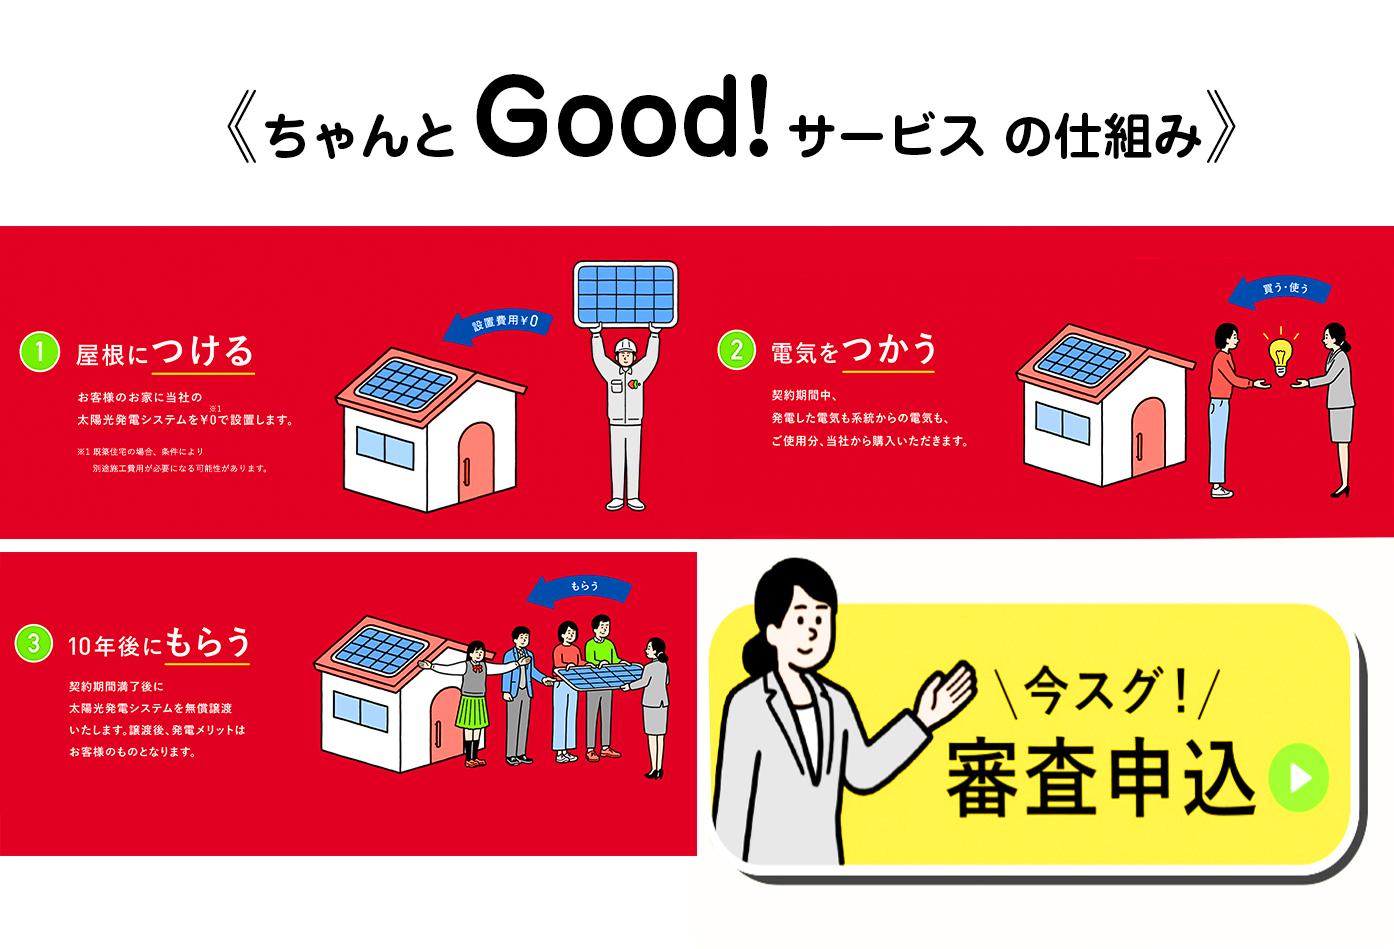 注目Topics!>>話題の「0円ソーラーシステムプラン」の魅力に迫る!